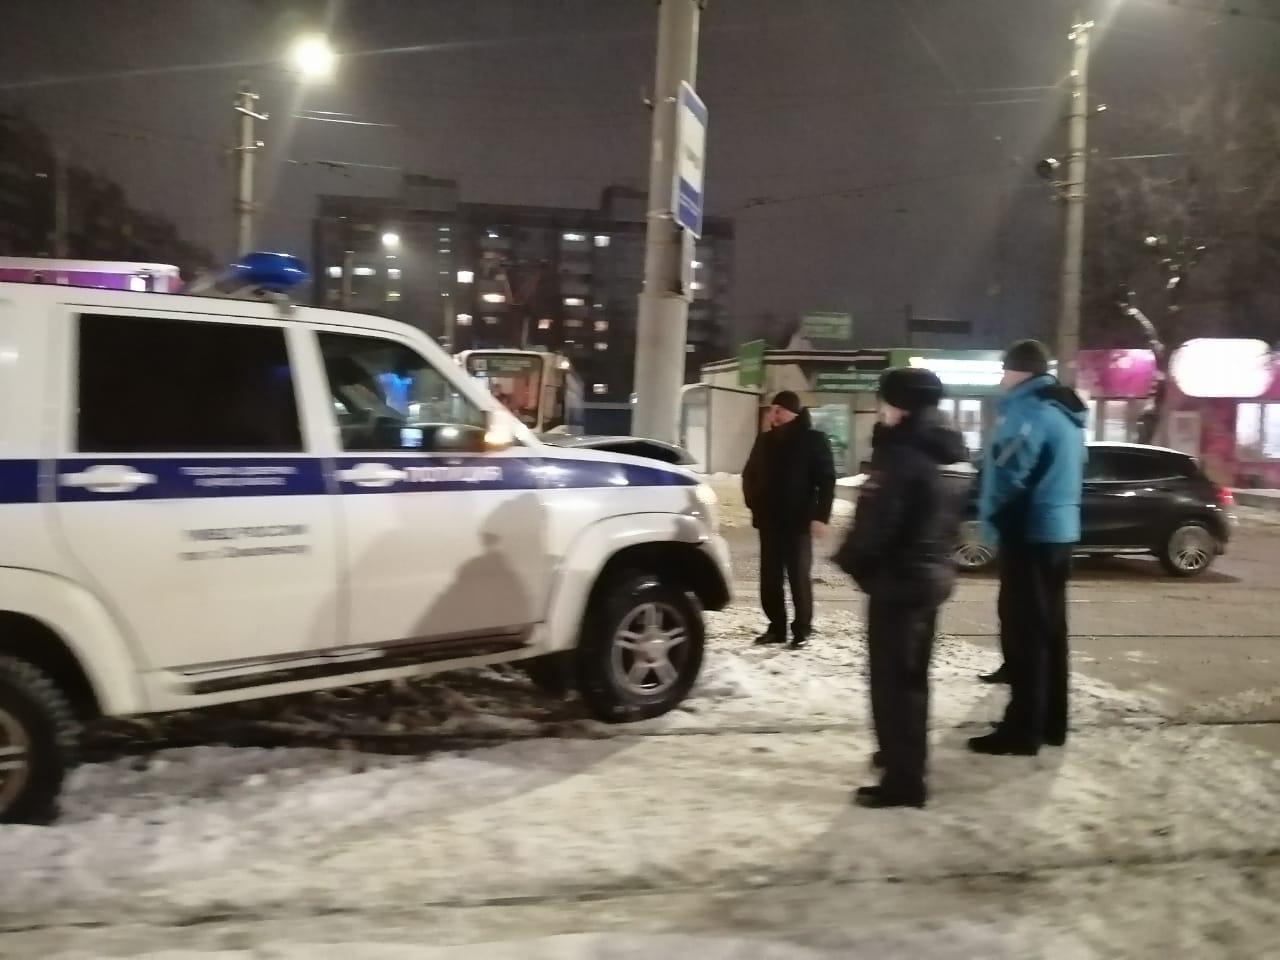 В Смоленска машина полиции протаранила столб и остановила движение трамваев